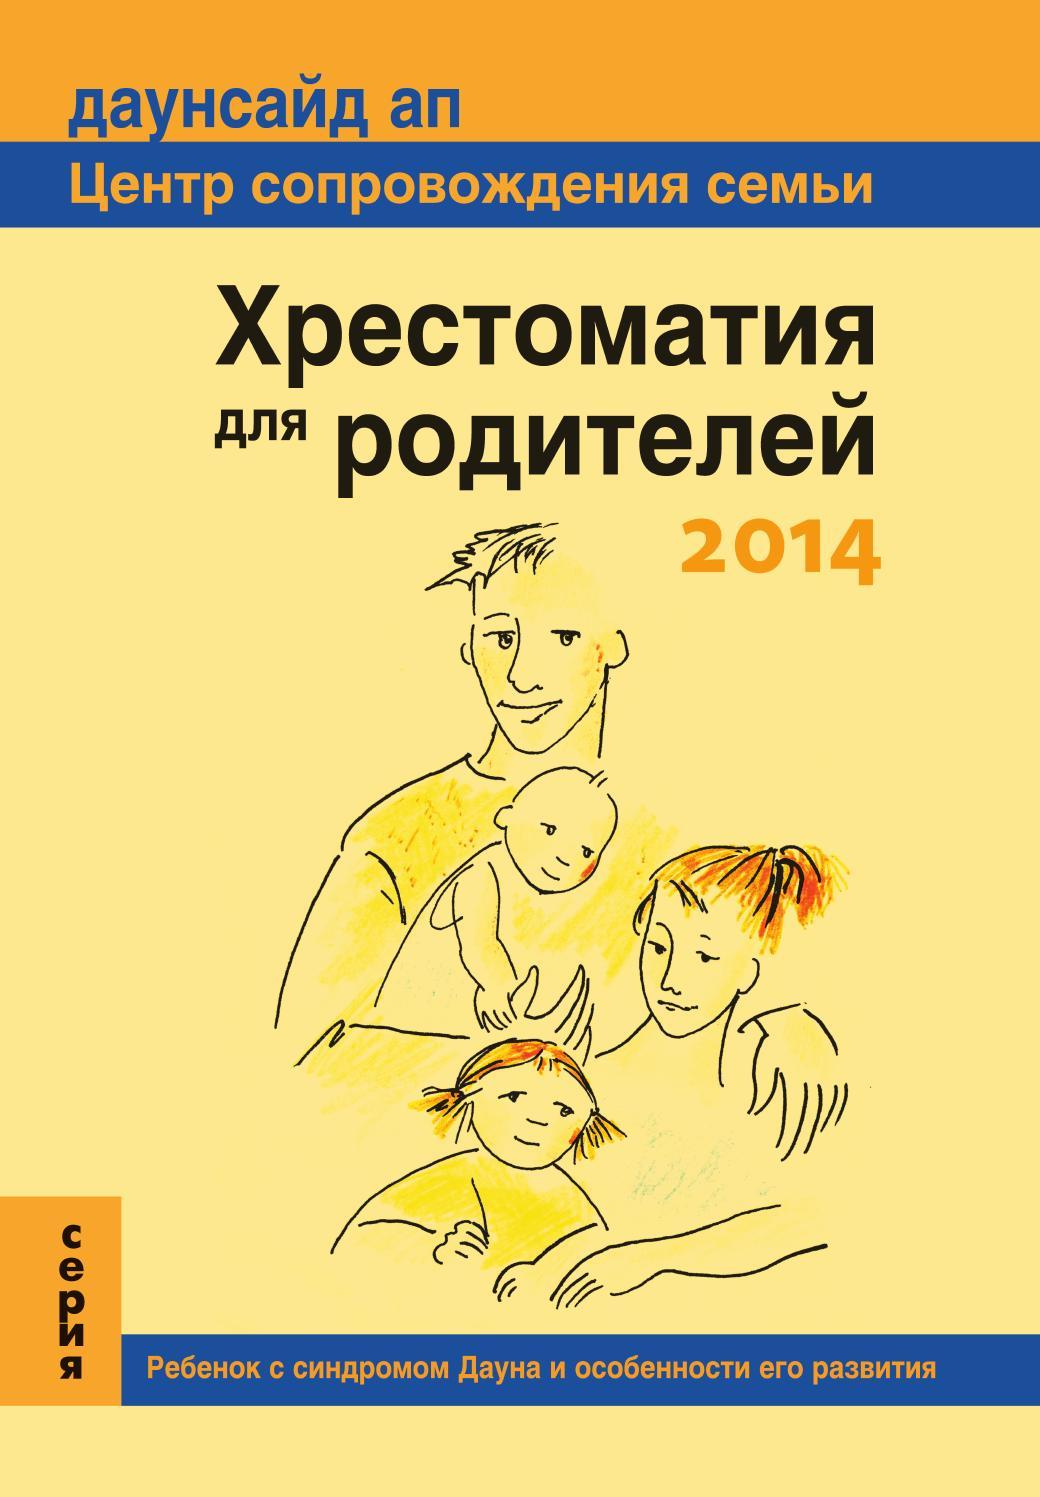 Календарь кризисов ребенка: первого года, 2, 3, 4-5 и 6-7 лет, лактационные кризисы